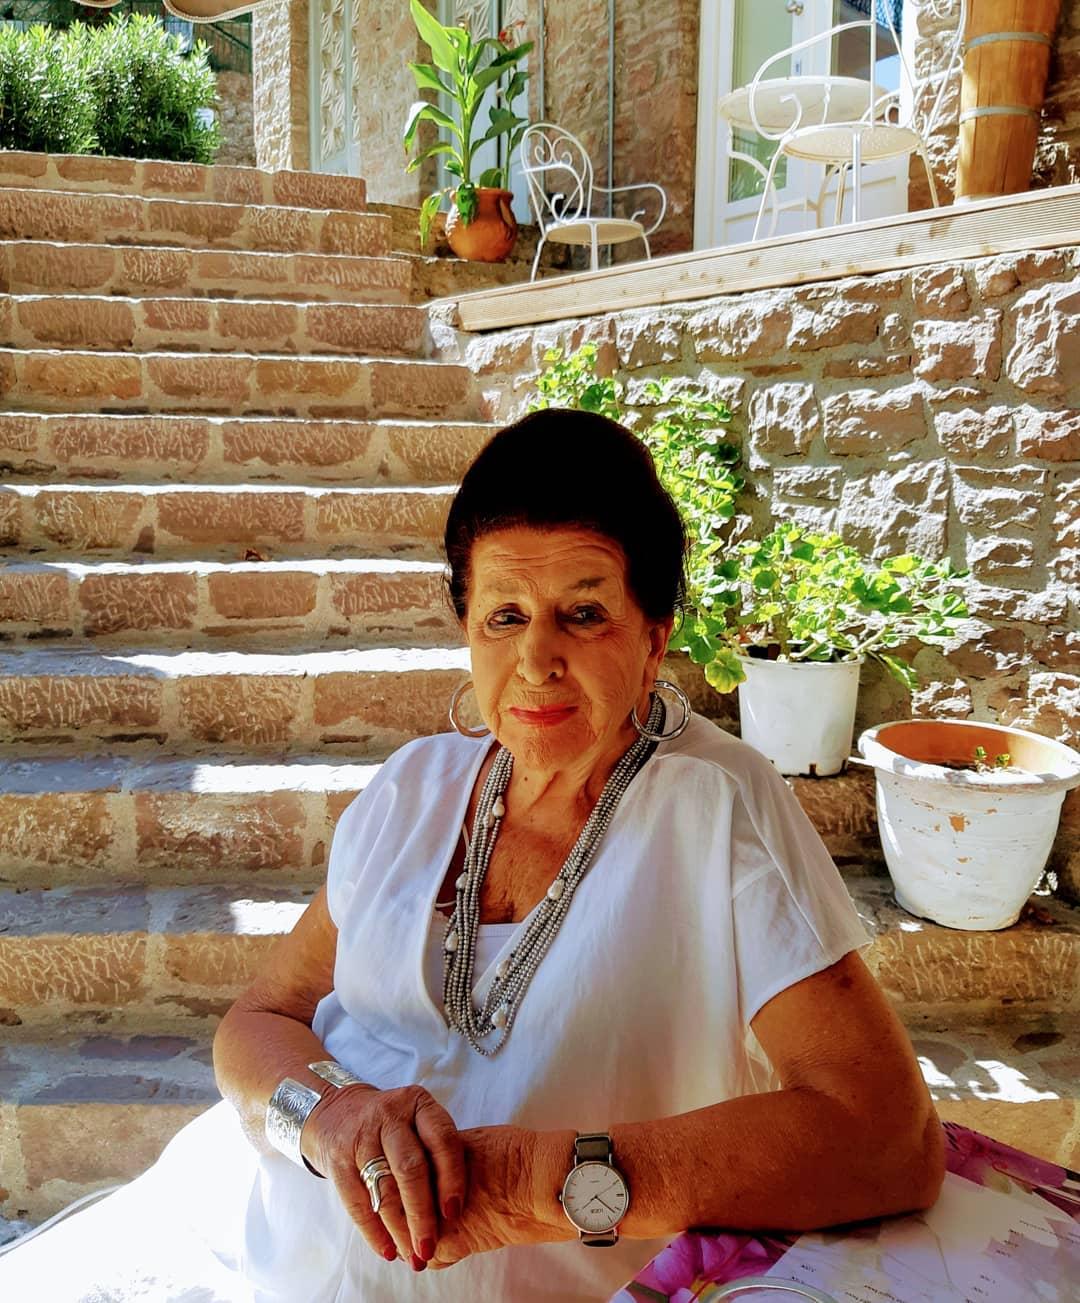 Μαύρη μέρα για την Μιμή Ντενίση-Πέθανε η μητέρα της